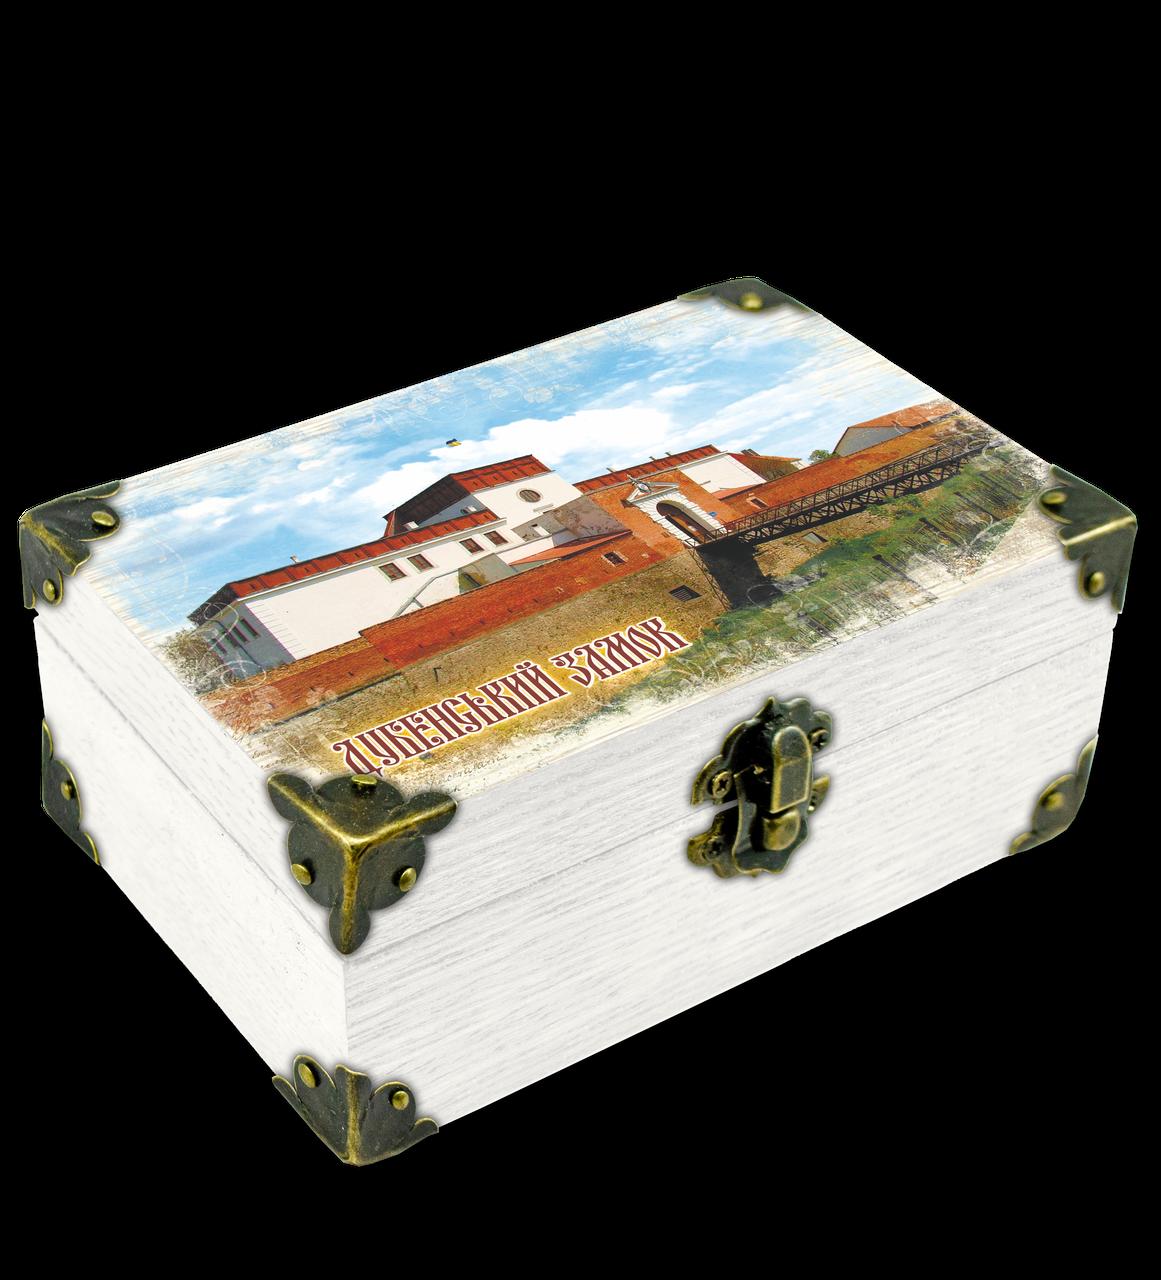 """Еко-шкатулка 10х15см. м. Дубно """"Дубенський замок""""."""